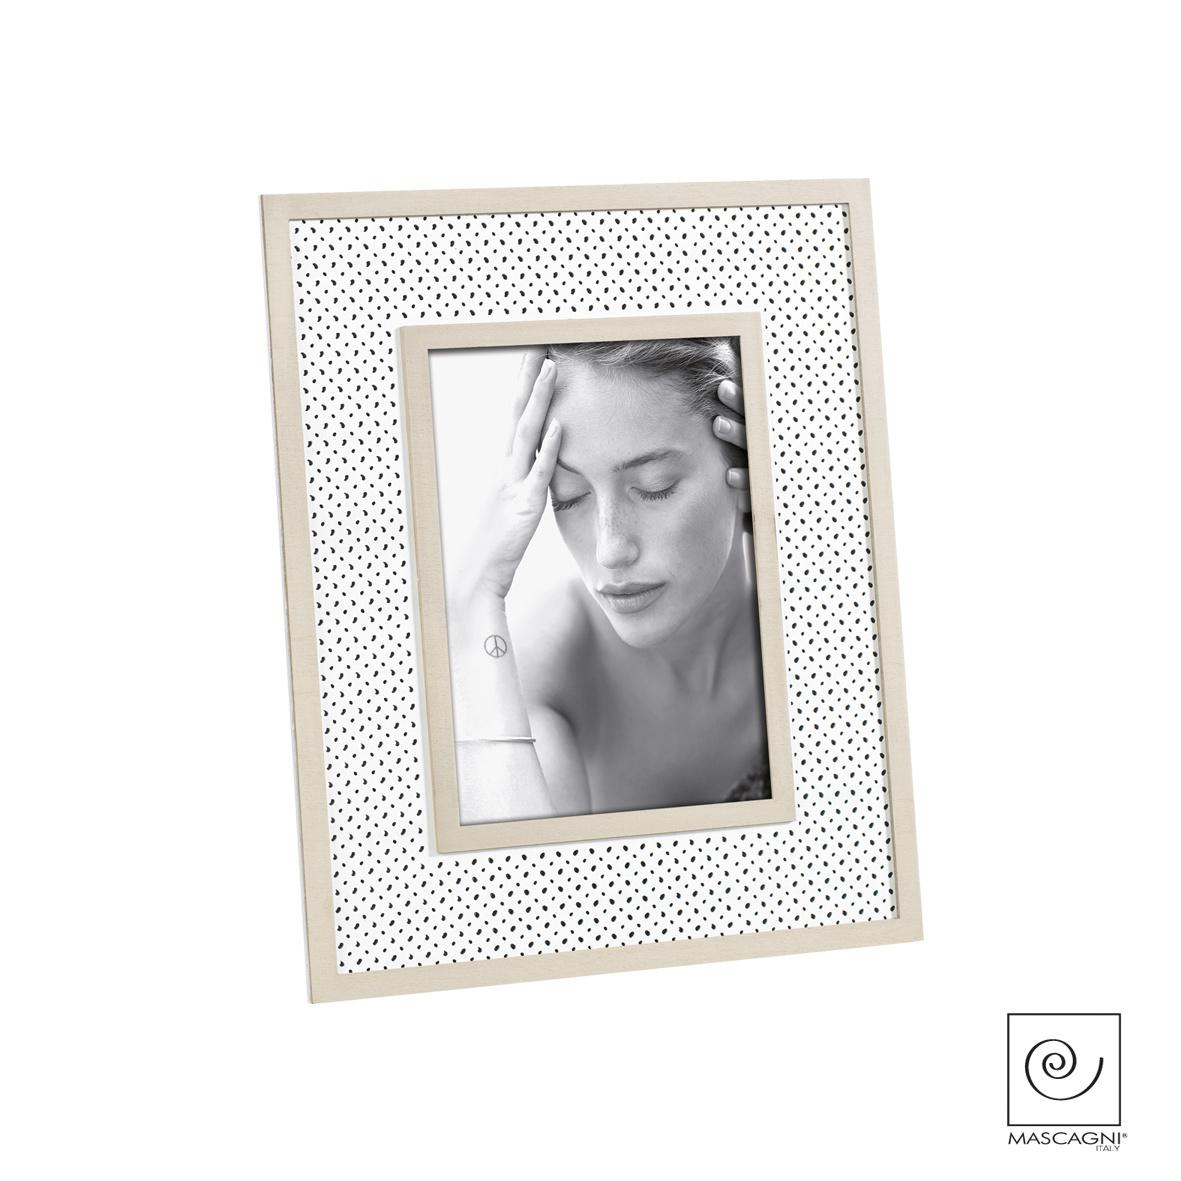 Art Mascagni A889 PHOTO FRAME 13X18 - COL.WHITE